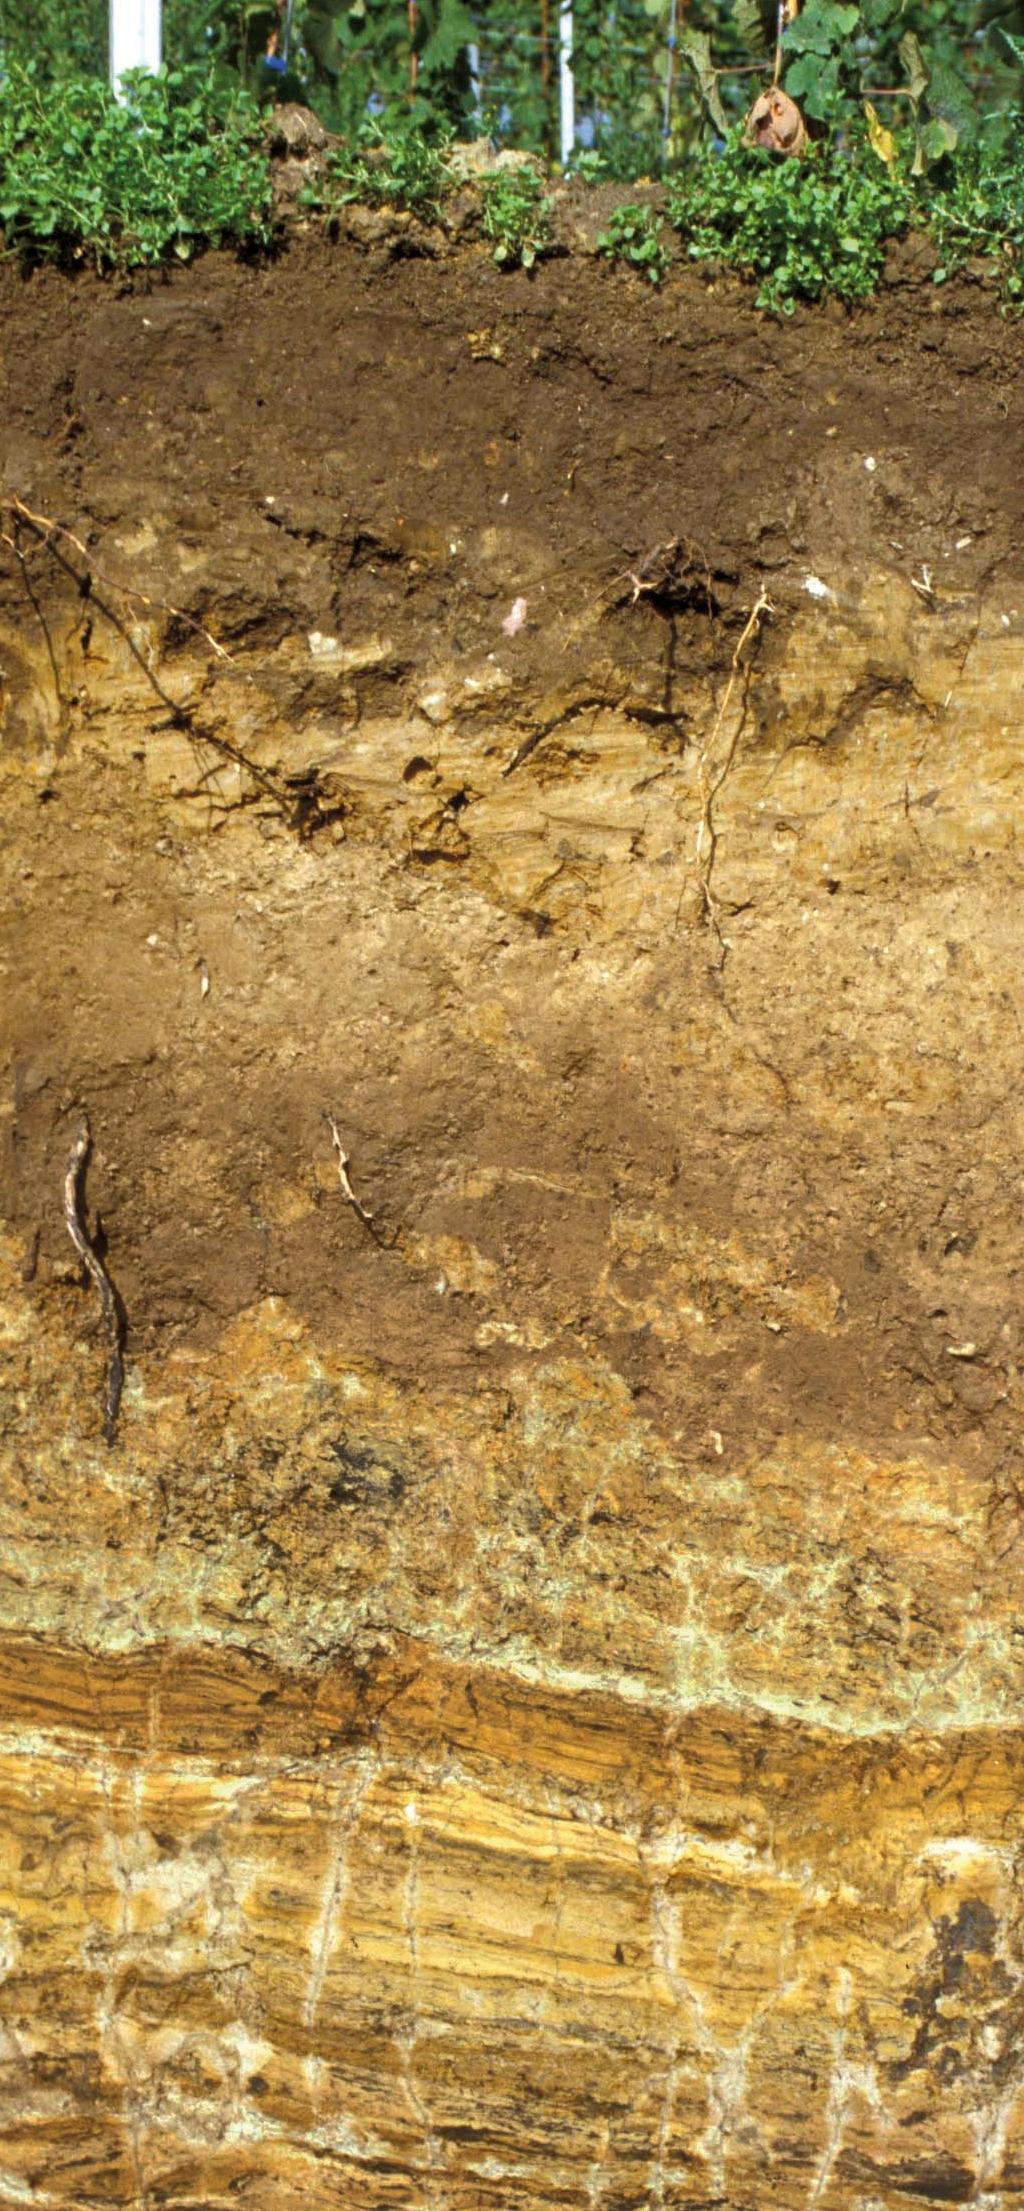 Das Profil eines Weinbergsbodens - hier das Motiv zum Boden des Jahres 2014